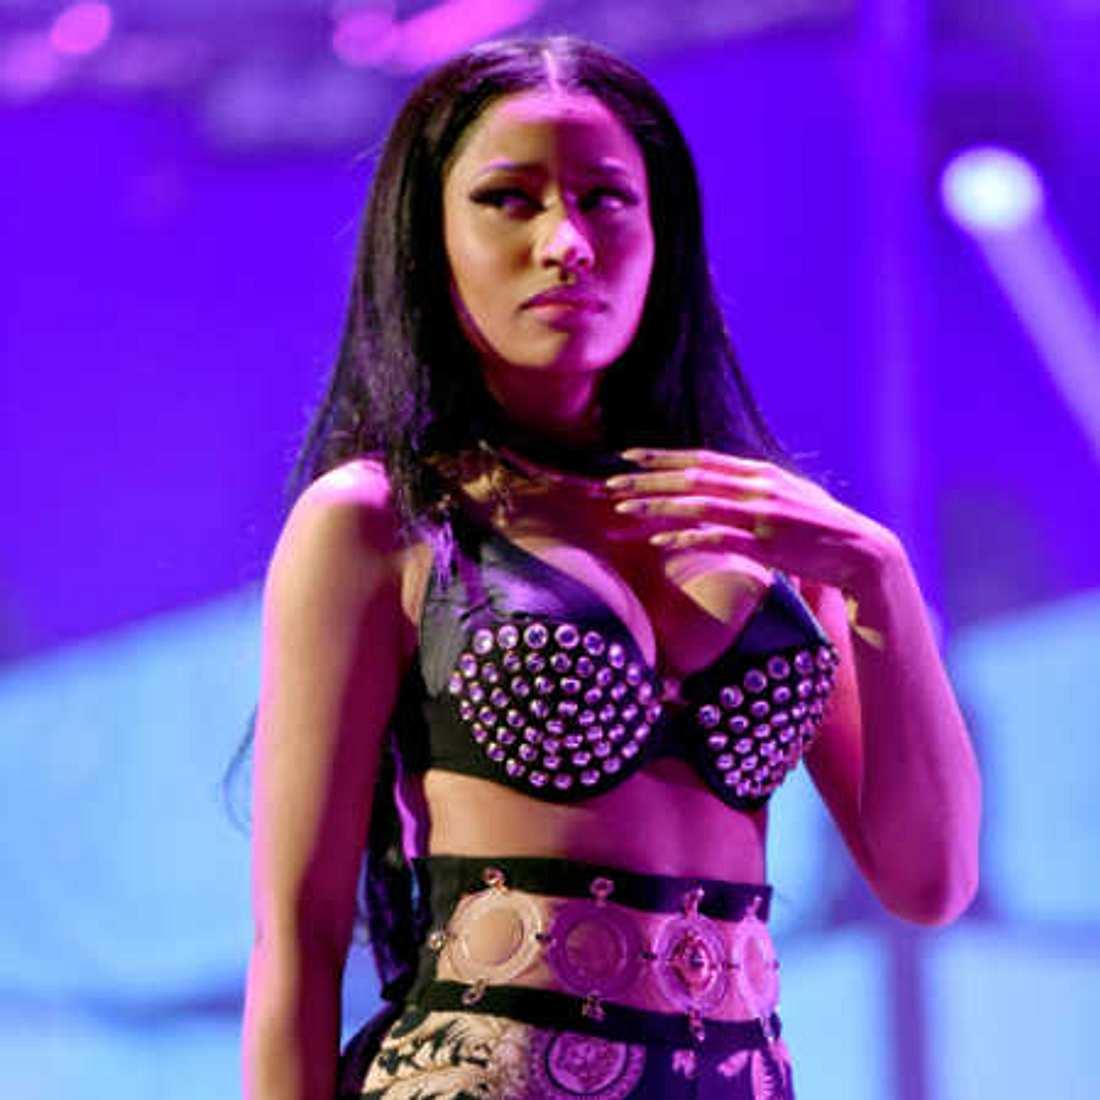 Nicki Minaj: Ihr brutaler Vater misshandelte die ganze Familie!